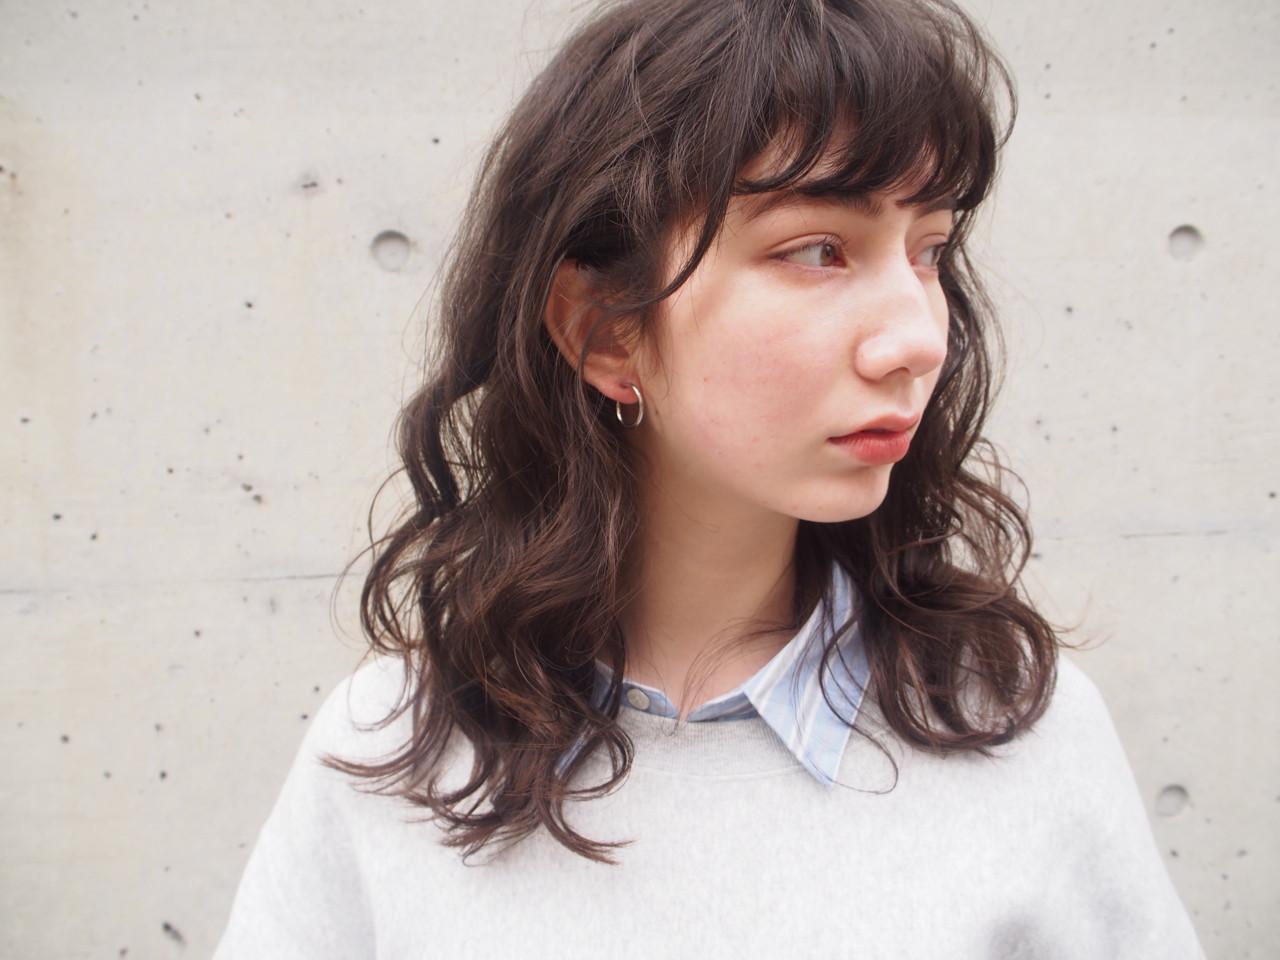 ナチュラル 黒髪 パーマ 簡単ヘアアレンジ ヘアスタイルや髪型の写真・画像